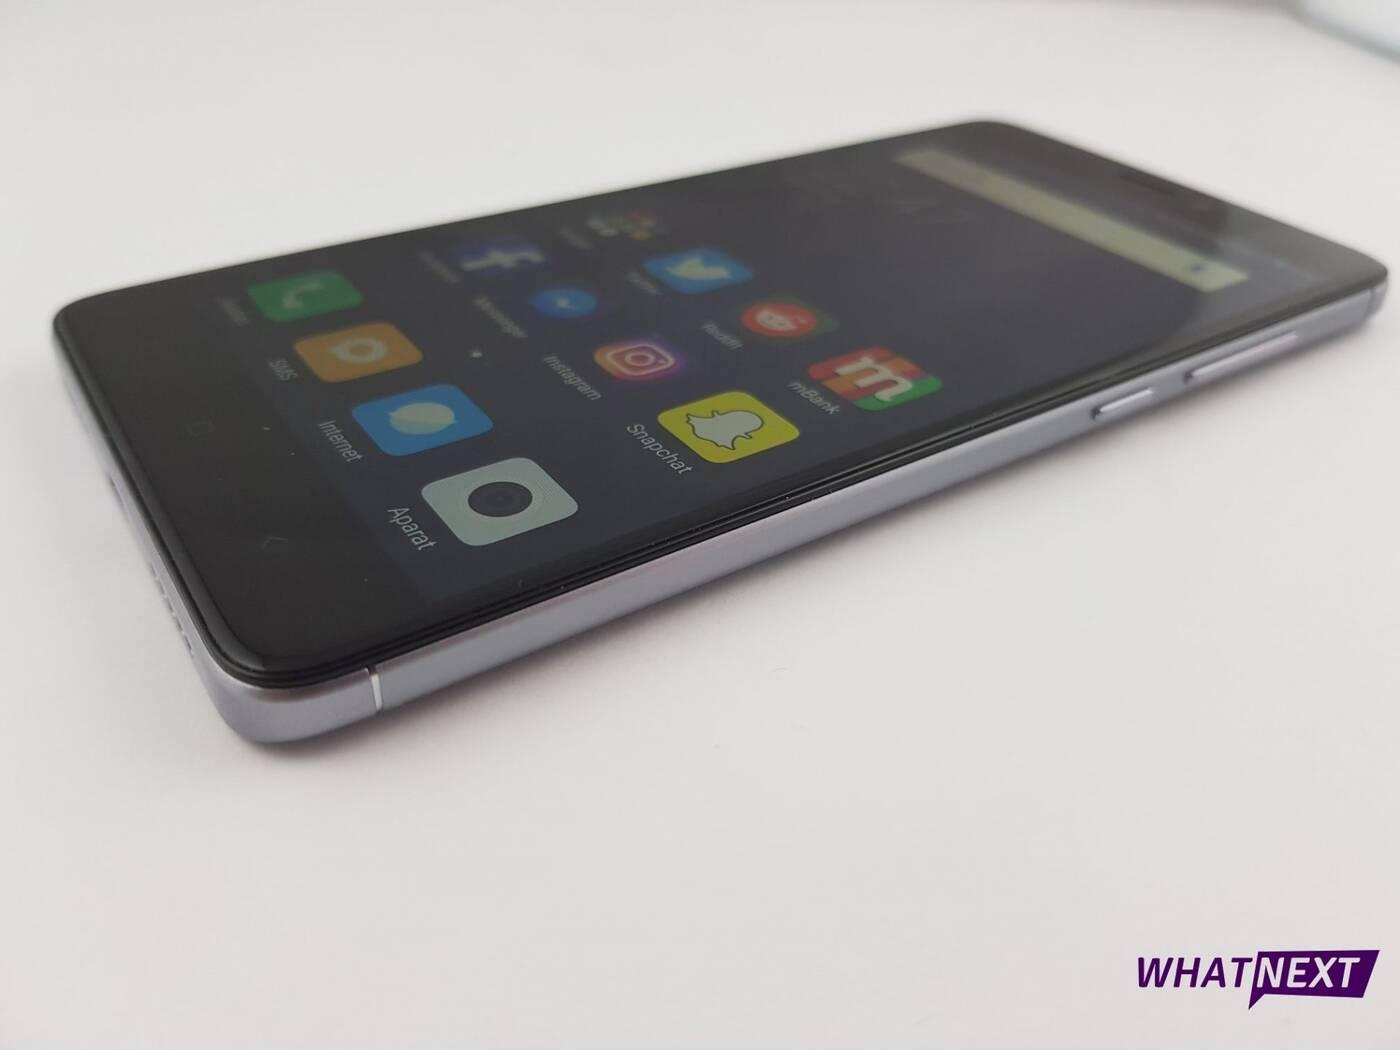 M³j testowy egzemplarz Redmi Note 4X takowe nabył w trakcie mojego niezupełnie 2 tygodniowego okresu testowego